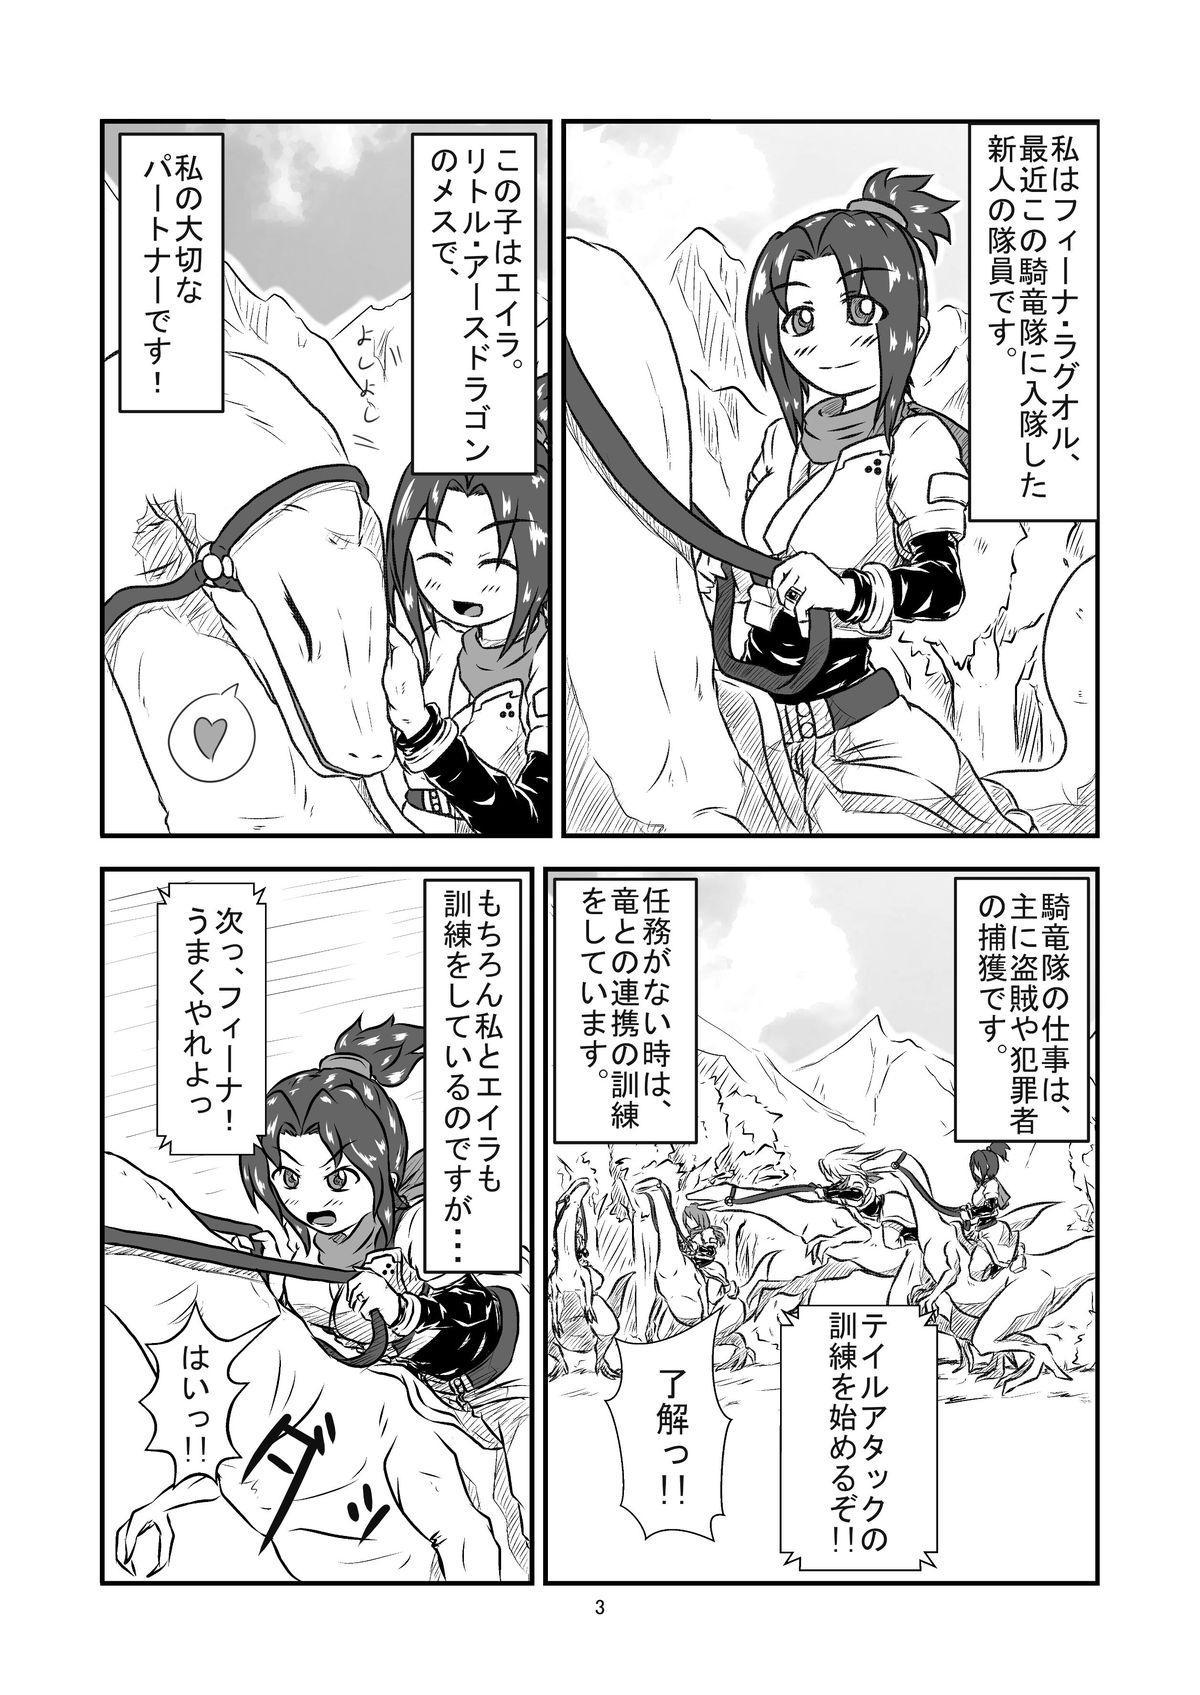 Marunomi Hanashi 2